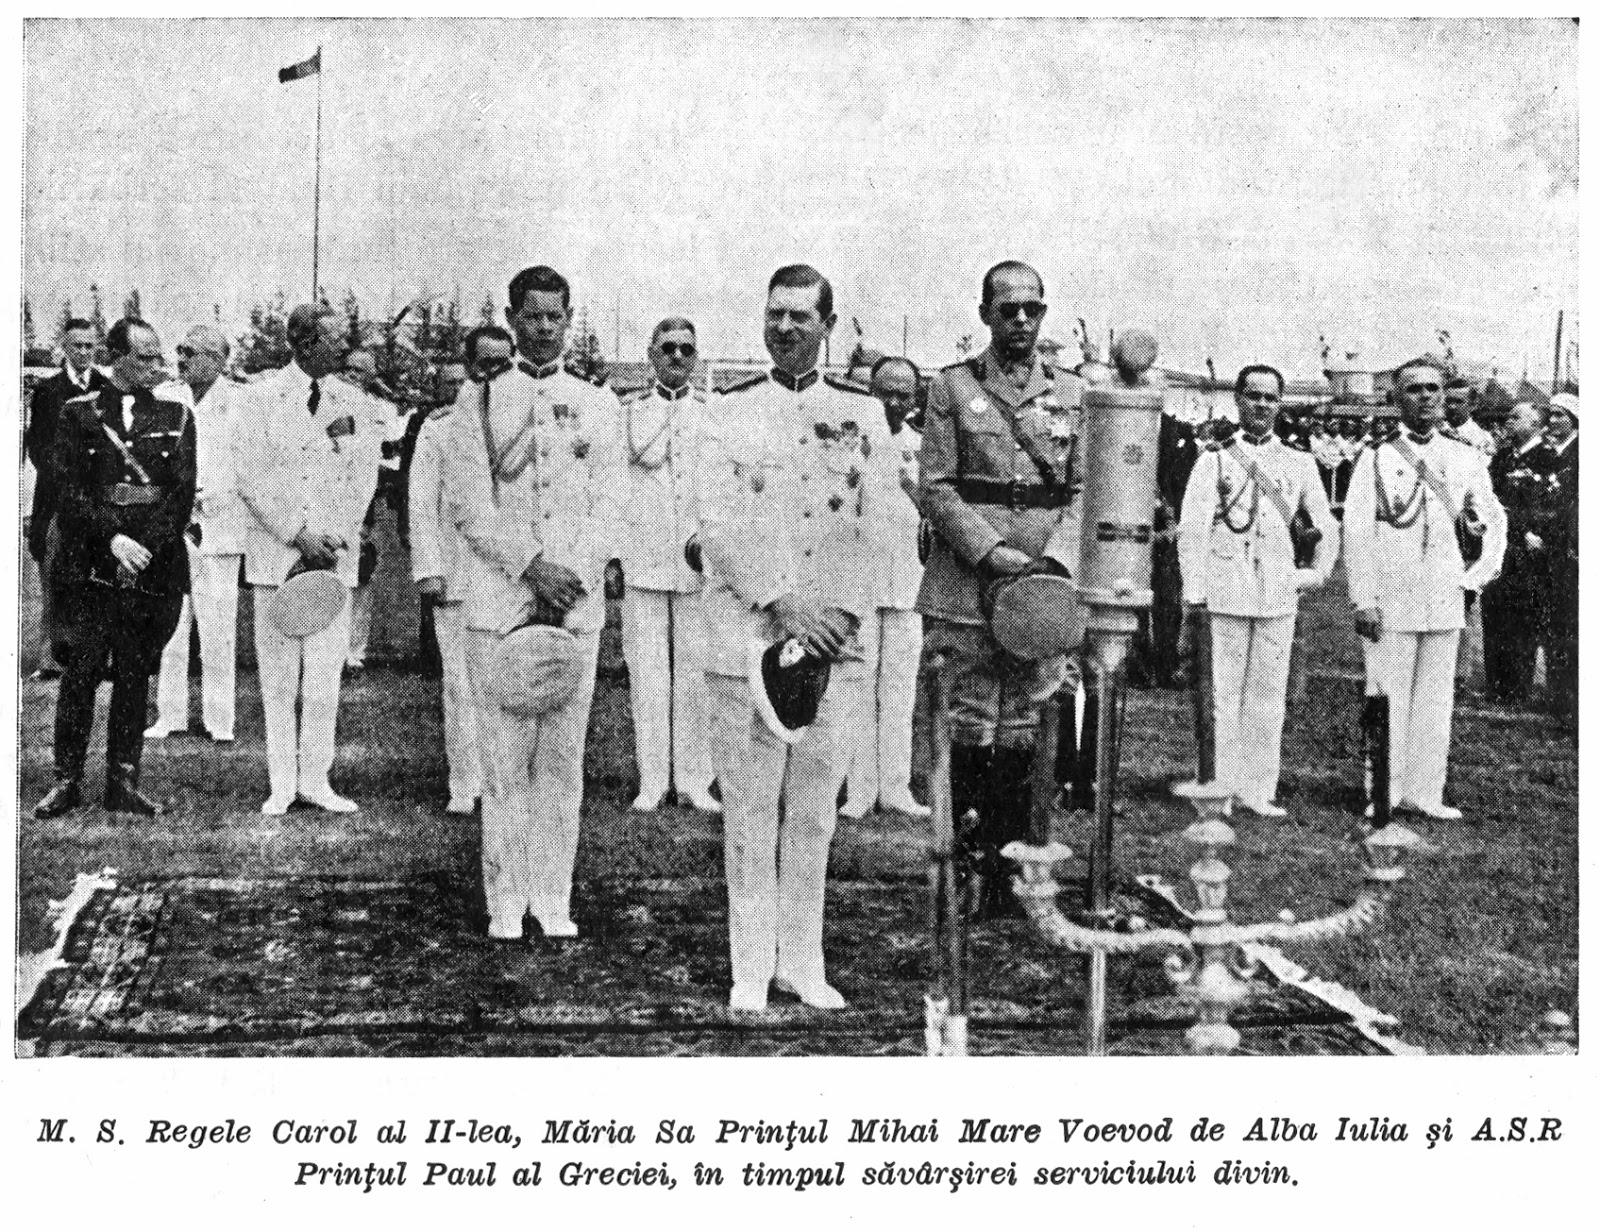 Regele Carol al II-lea și Regele Mihai, la inaugurarea stadionului Giulești